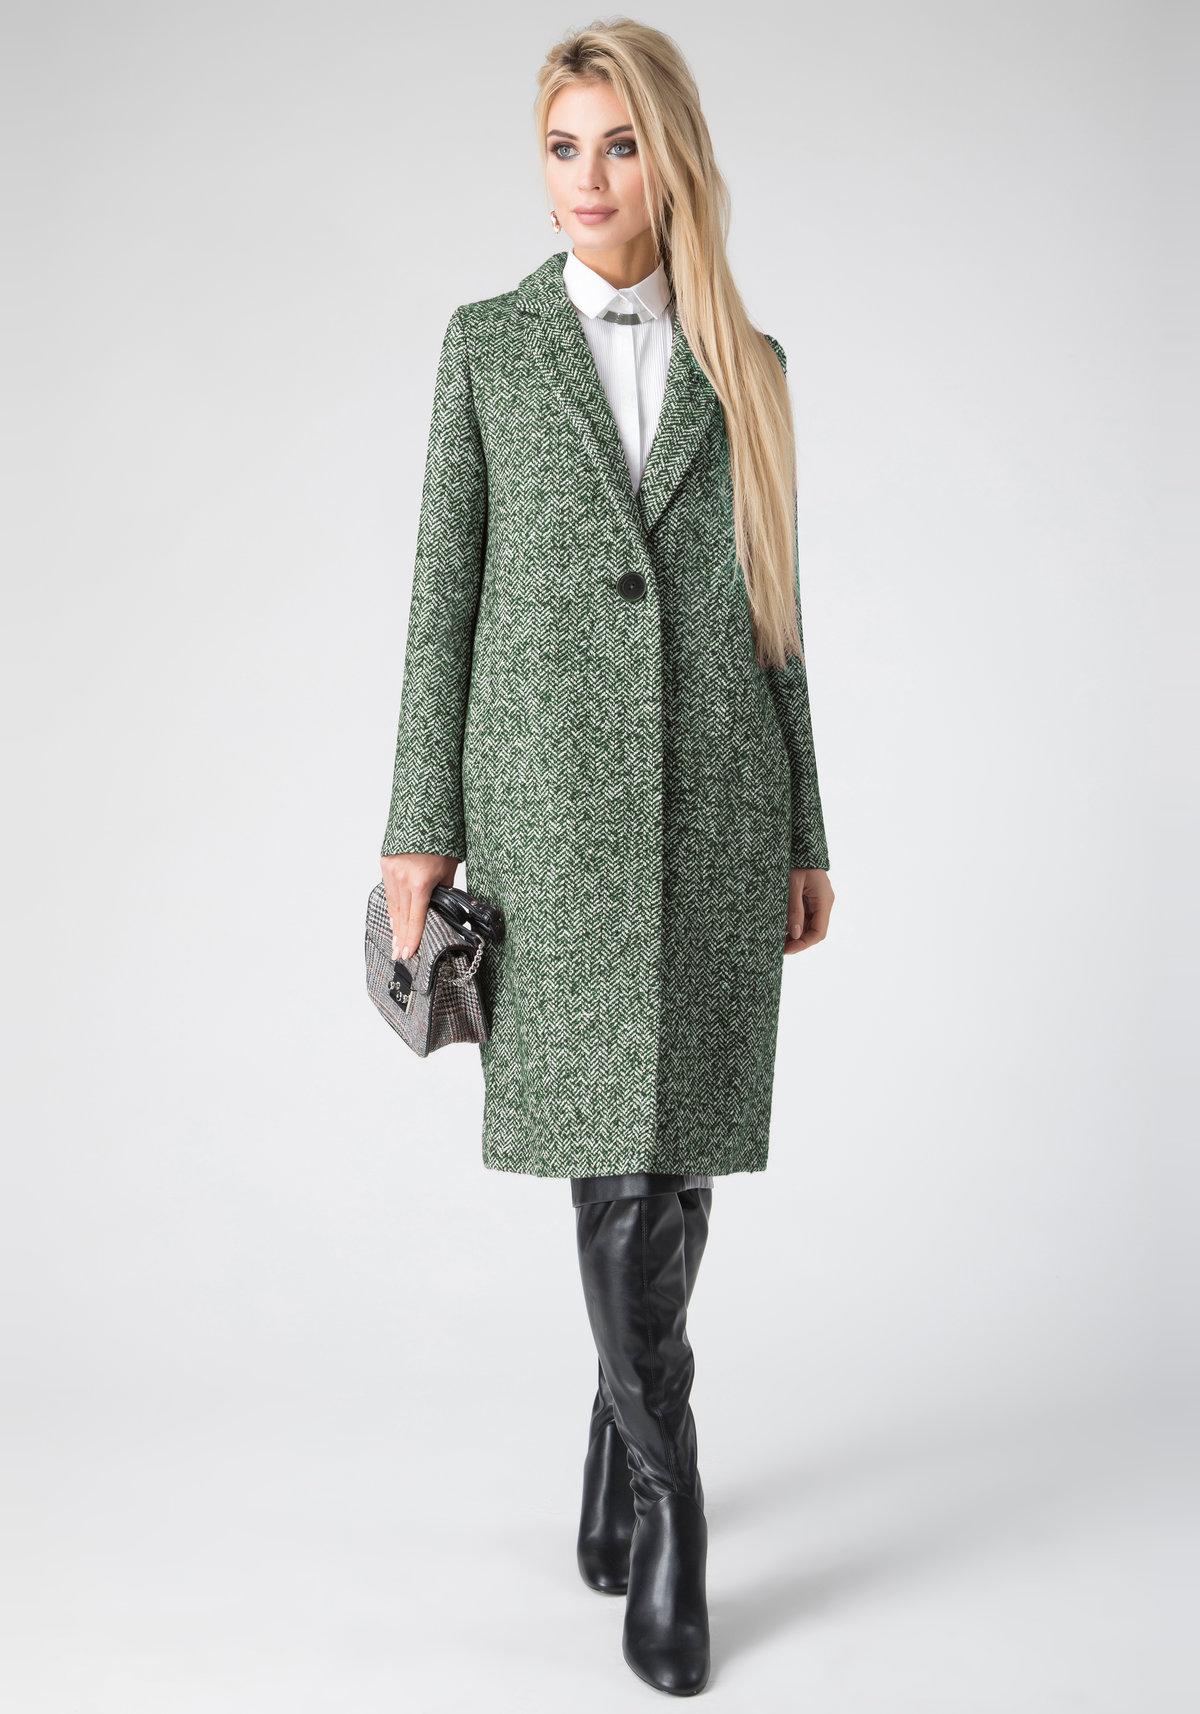 e6caeeaf460 ... Элегантное и стильное пальто прямого кроя. Модель с отложным  воротником